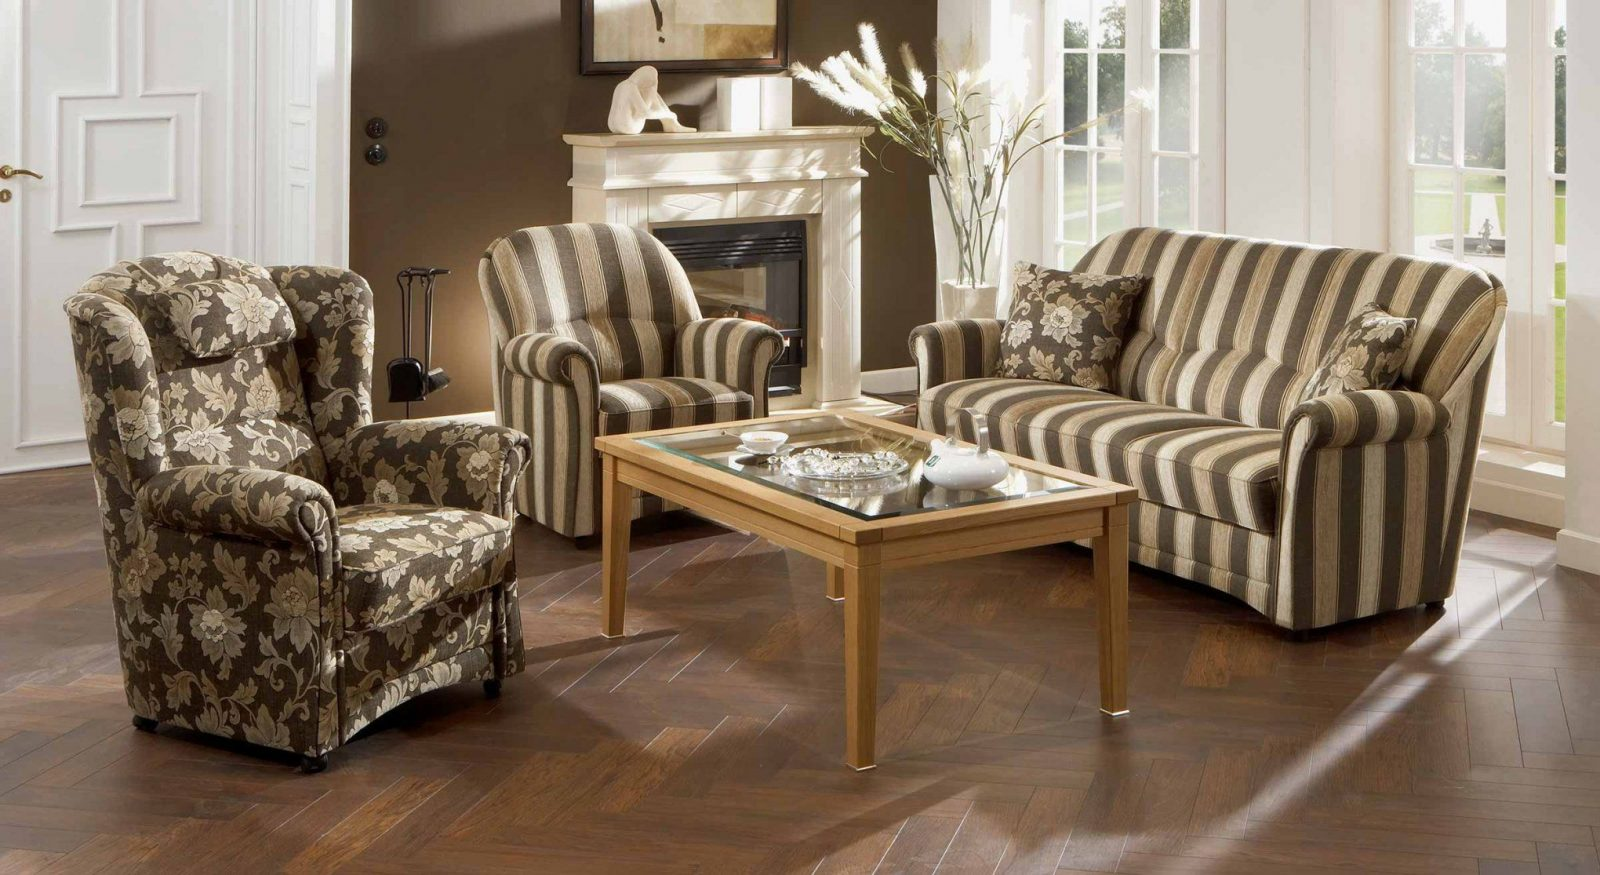 Luxus Sessel Neu Beziehen Atemberaubend Sofa Neu Beziehen Lassen von Sessel Neu Beziehen Lassen Kosten Bild